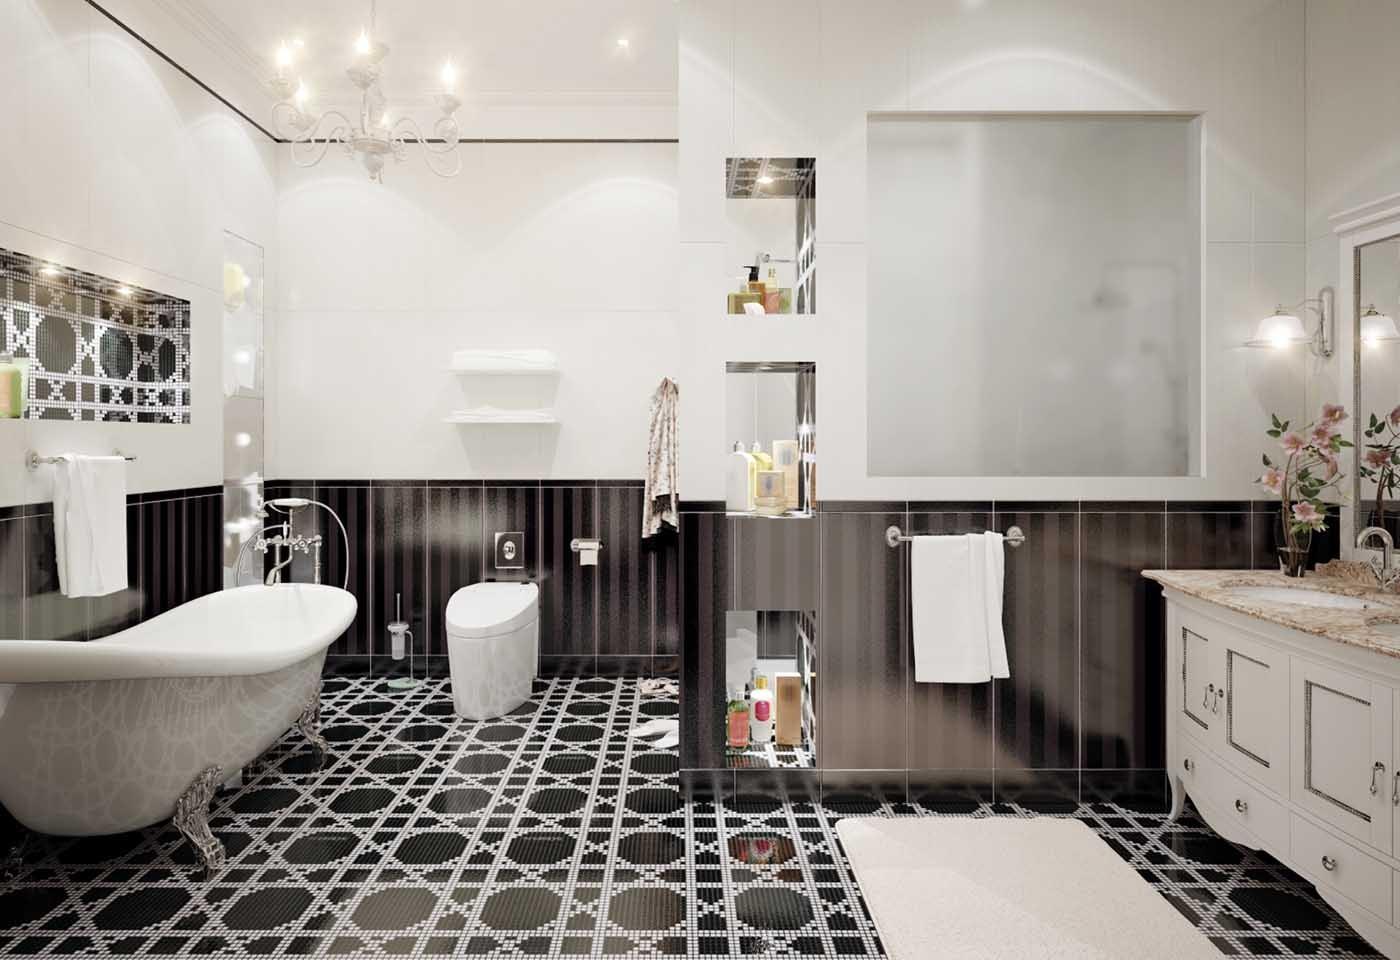 Il bagno in bianco e nero - Bagno arancione e bianco ...